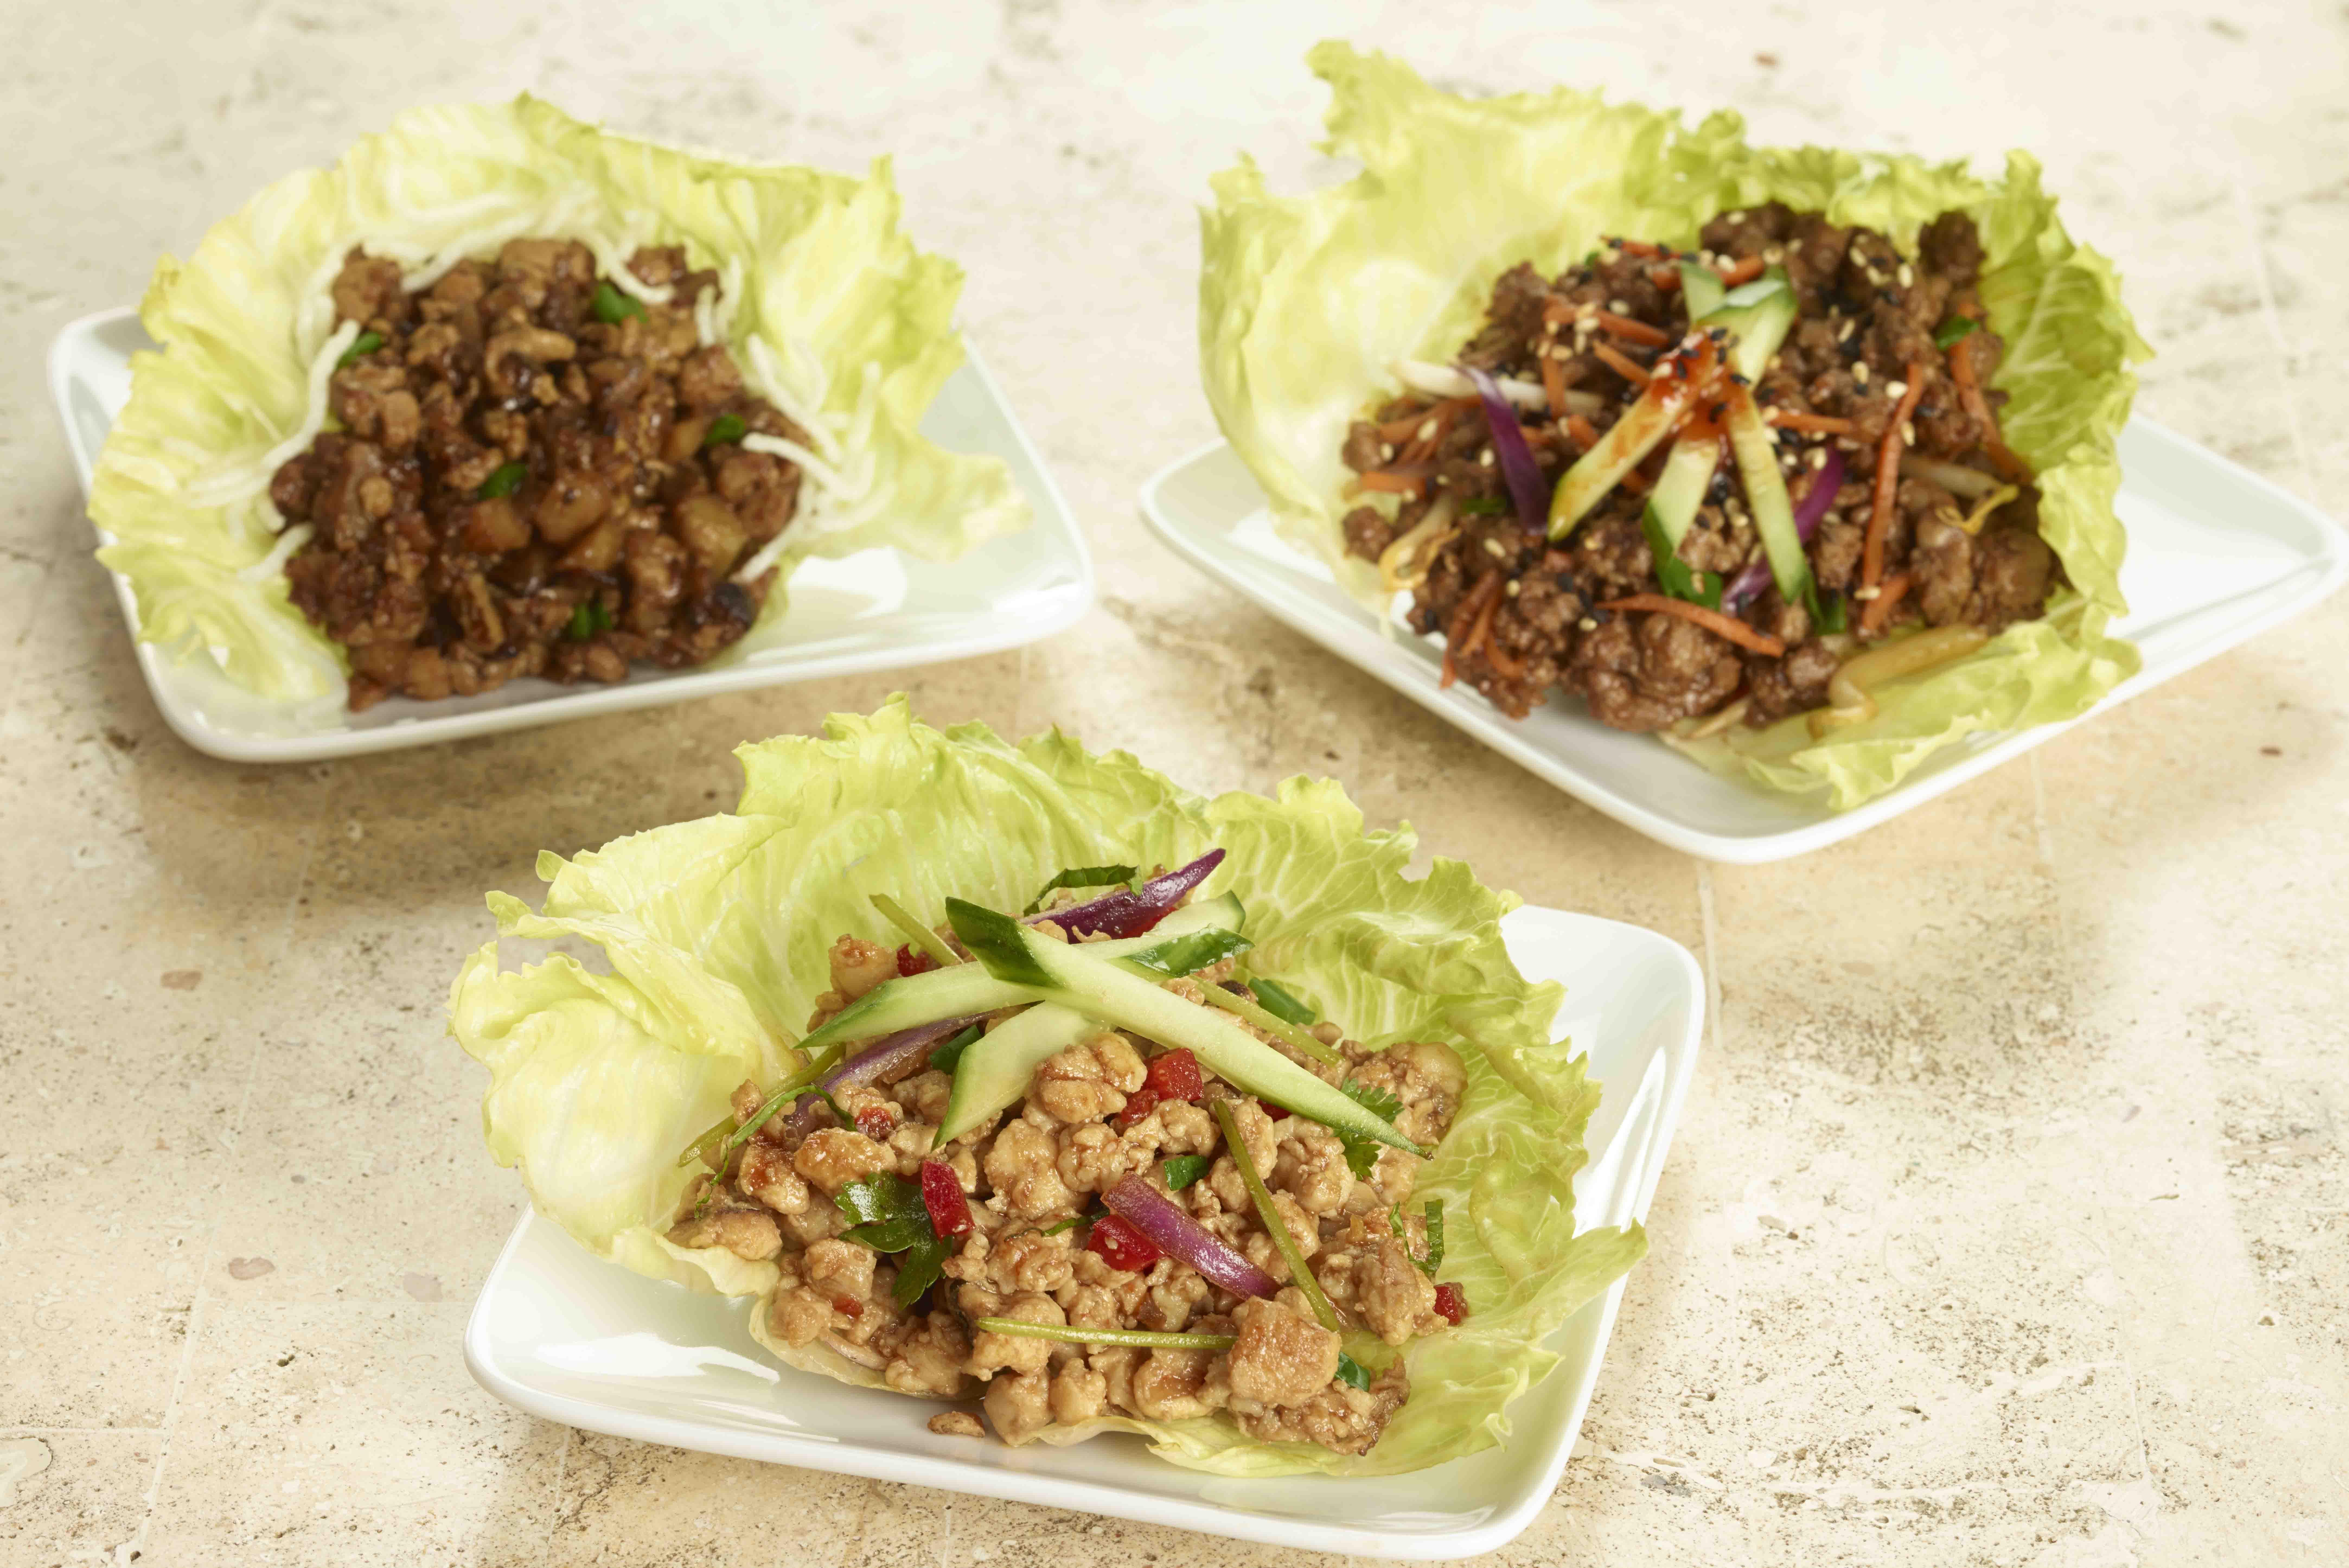 Thai Chicken, Korean Steak and Traditional Chicken Lettuce Wraps